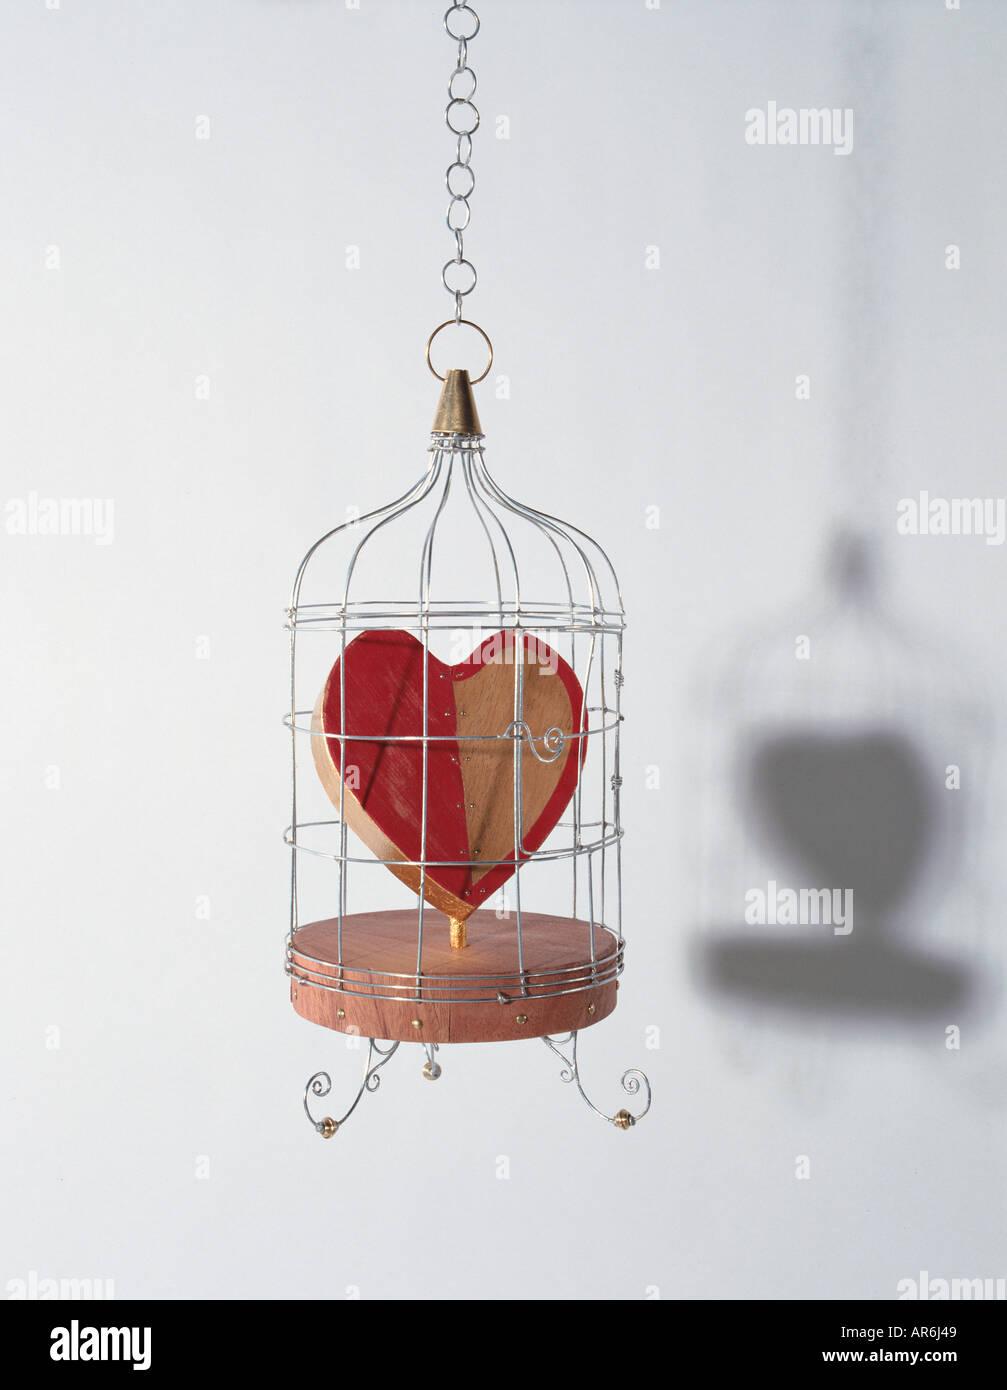 Amour coeur en bois accroché au piège dans une cage en métal peint, le coeur à moitié rouge, socle en bois massif Photo Stock